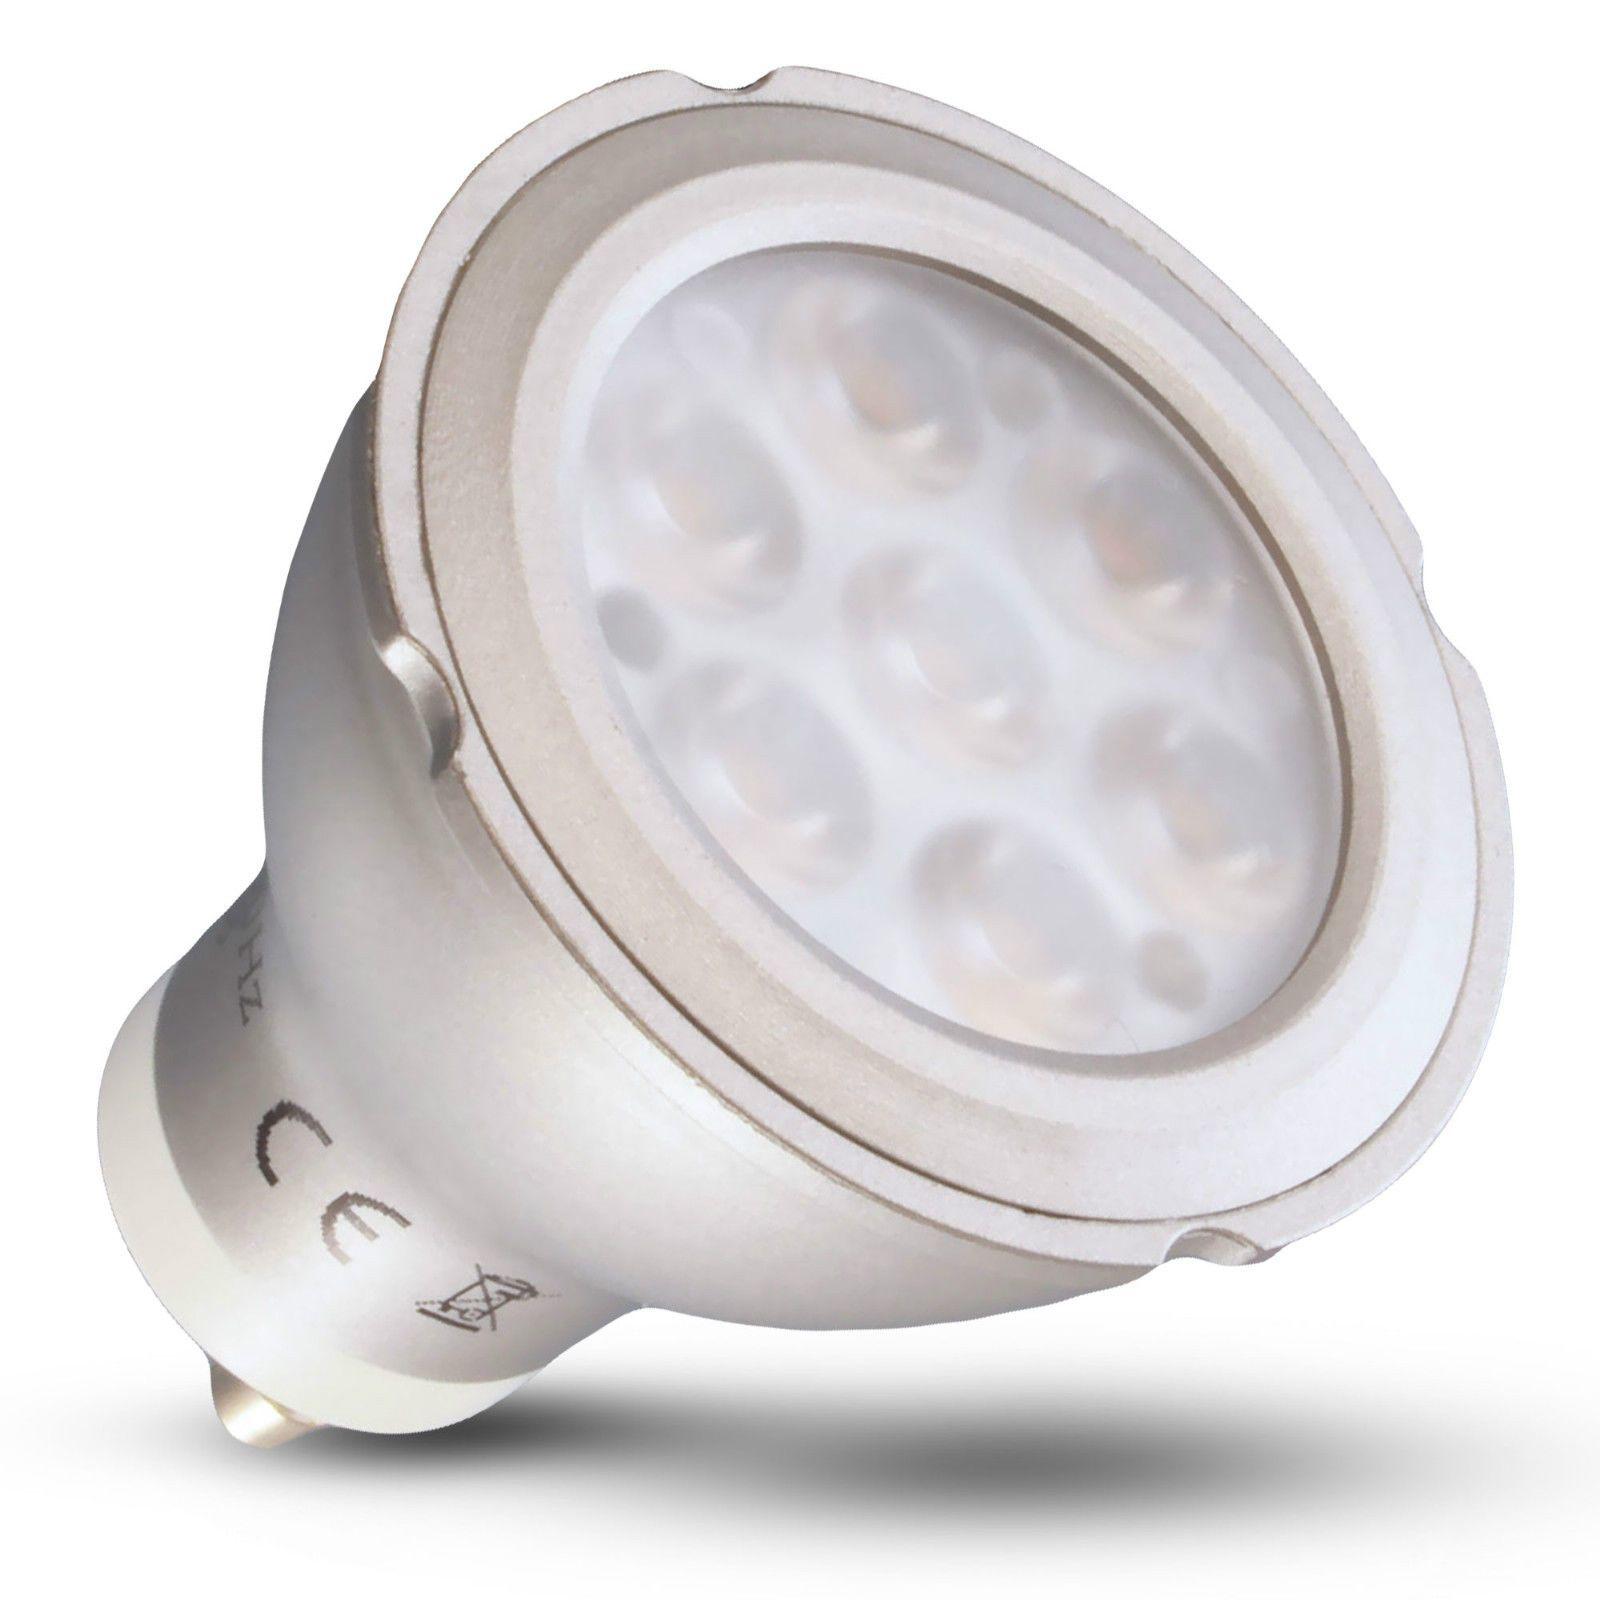 LED Leuchtmittel Spot GU10 5W 7W Lampe Birne Strahler Einbaustrahler